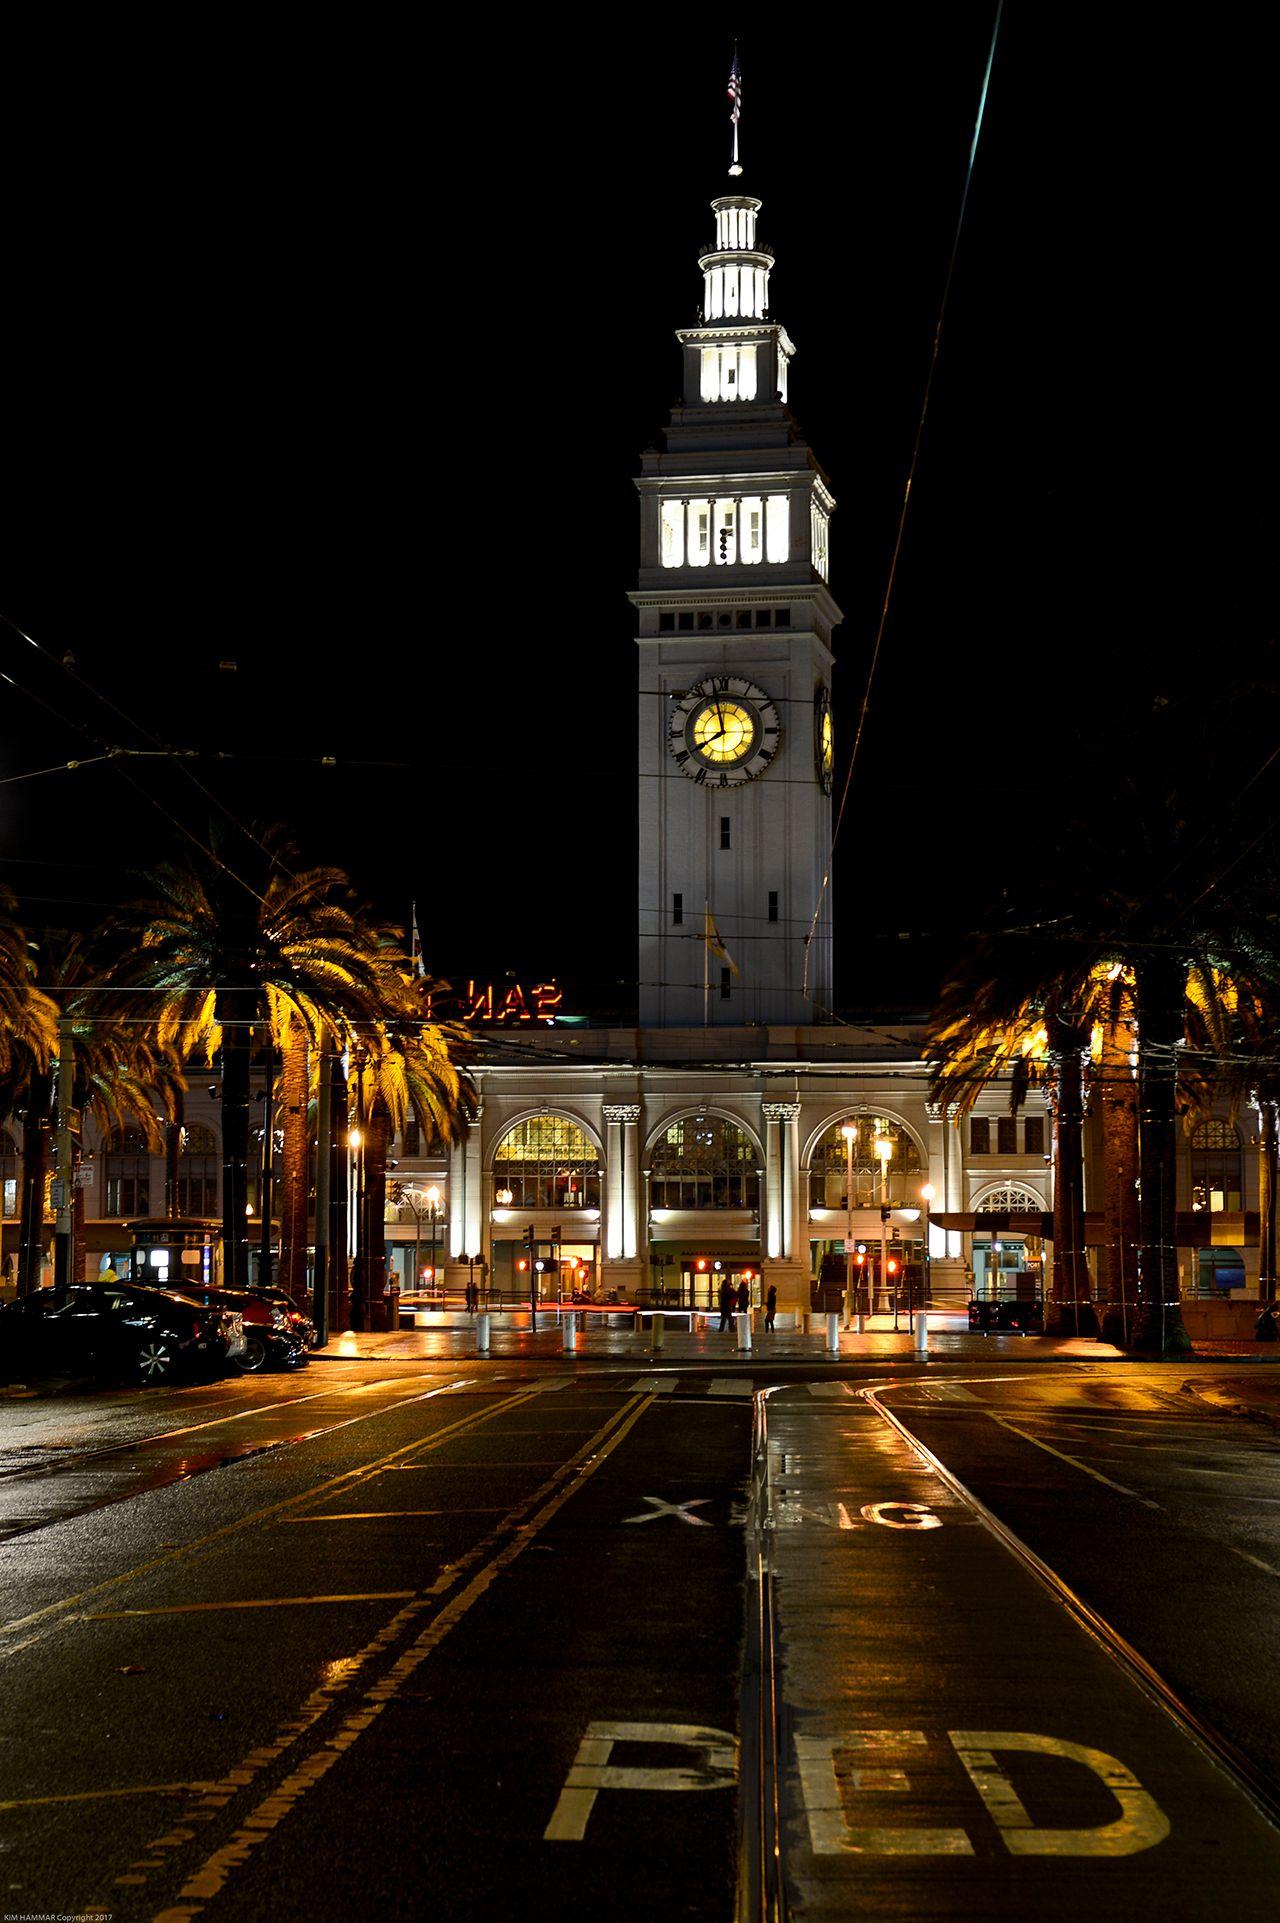 Embarcadero Clock Tower at Night